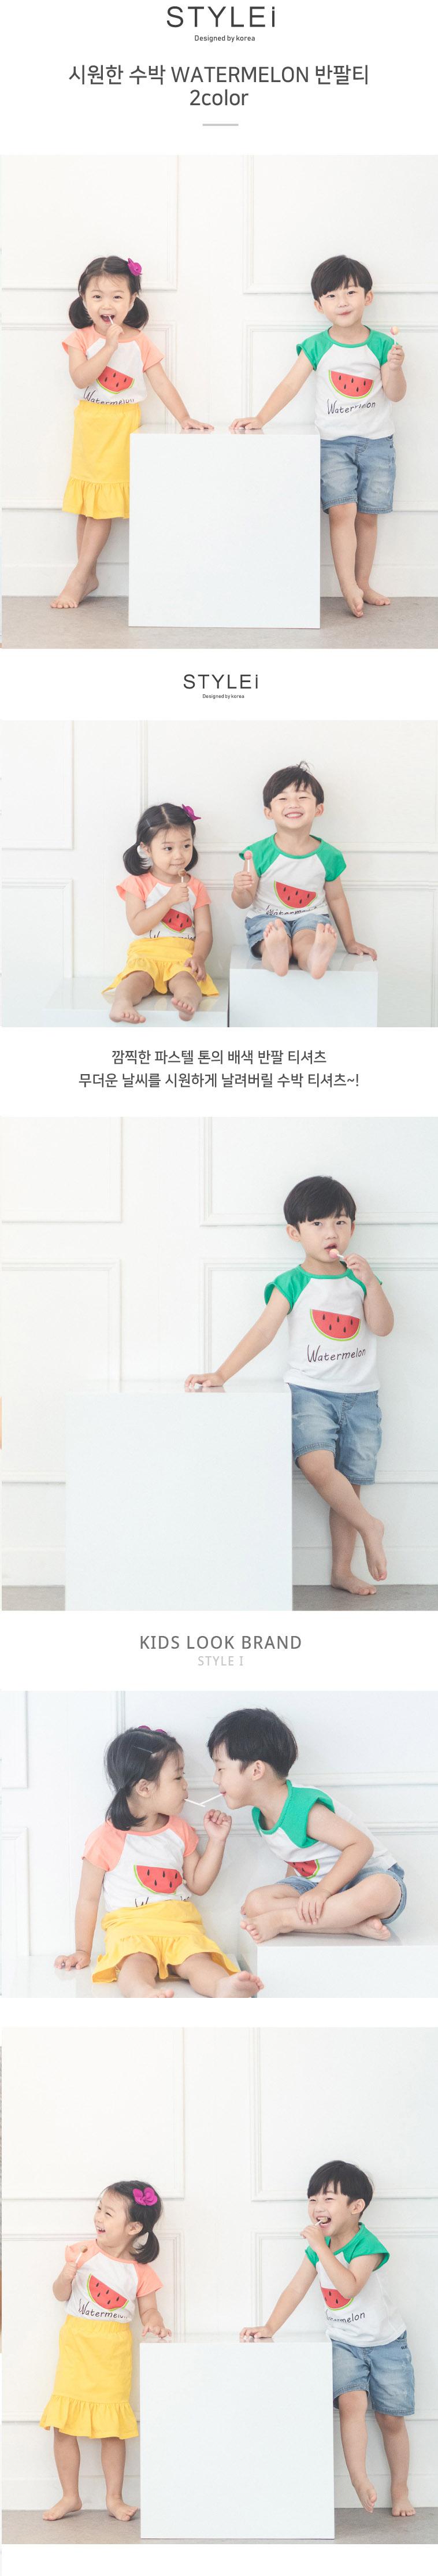 [스타일아이]수박 데일리 키즈티셔츠 반팔티셔츠 - 수앤와이컴퍼니, 7,900원, 상의/아우터, 티셔츠